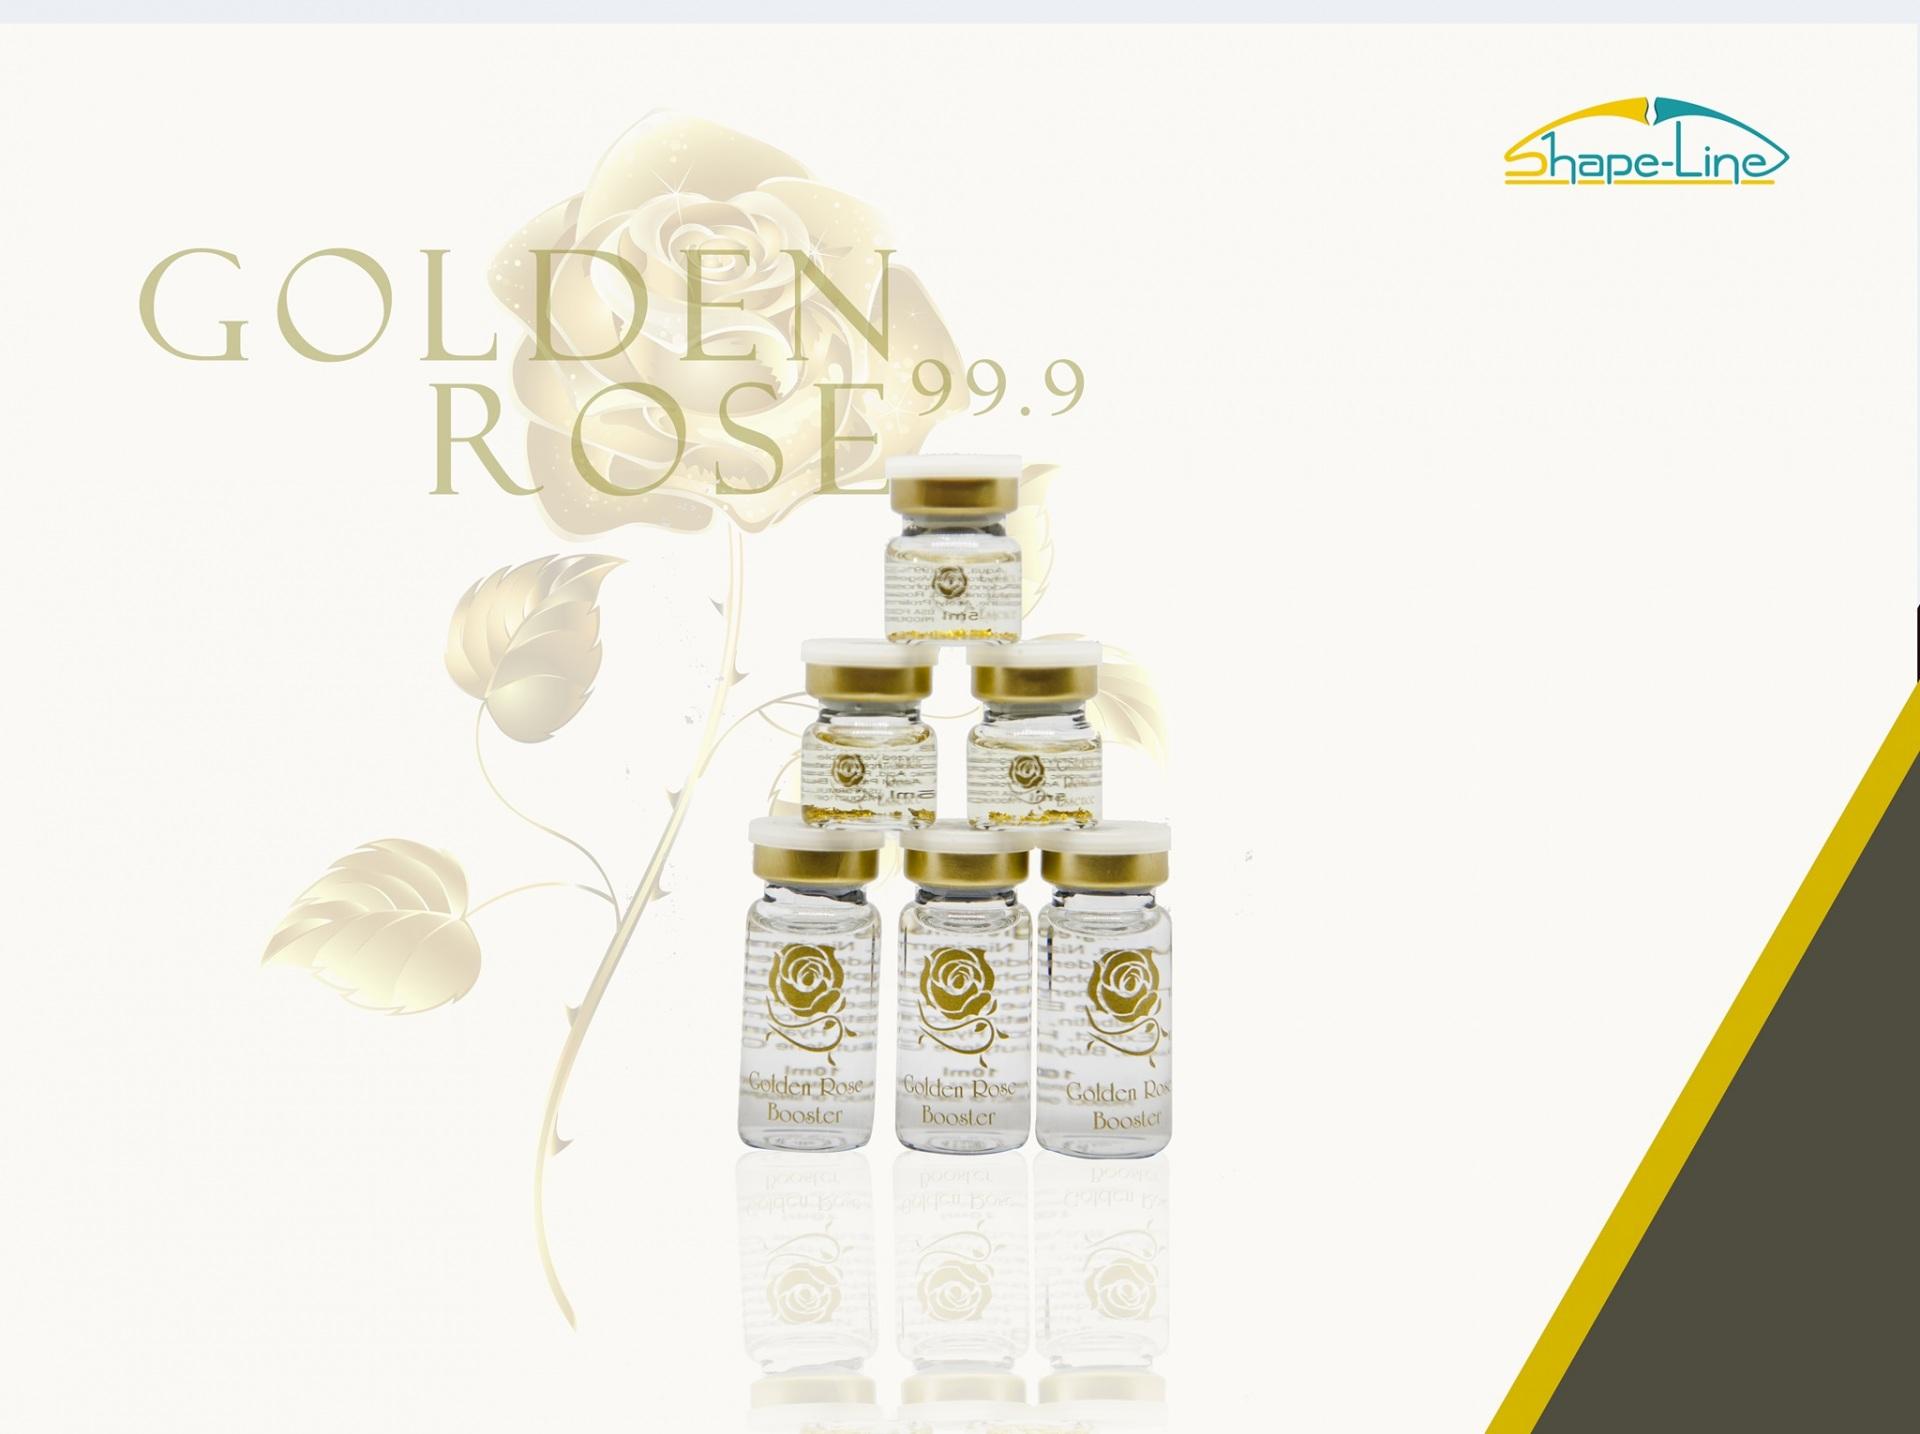 Golden rose 99.9 - Làm đẹp & mang đến làn da căng bóng, sáng ngời khỏe mạnh tức thì.